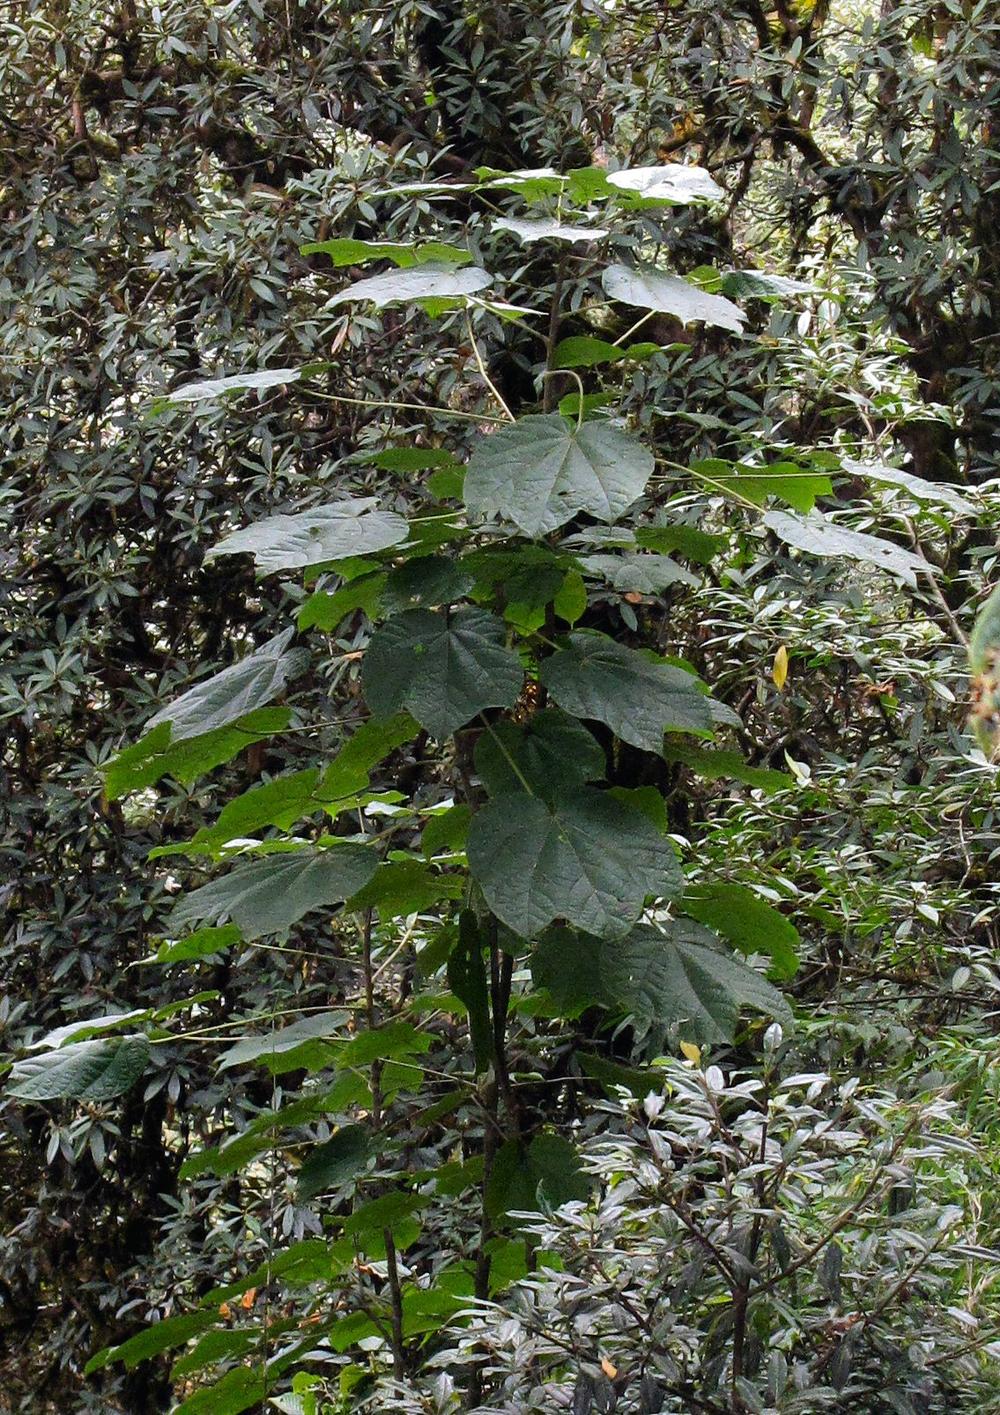 Merrilliopanax alpinus GWJ9355